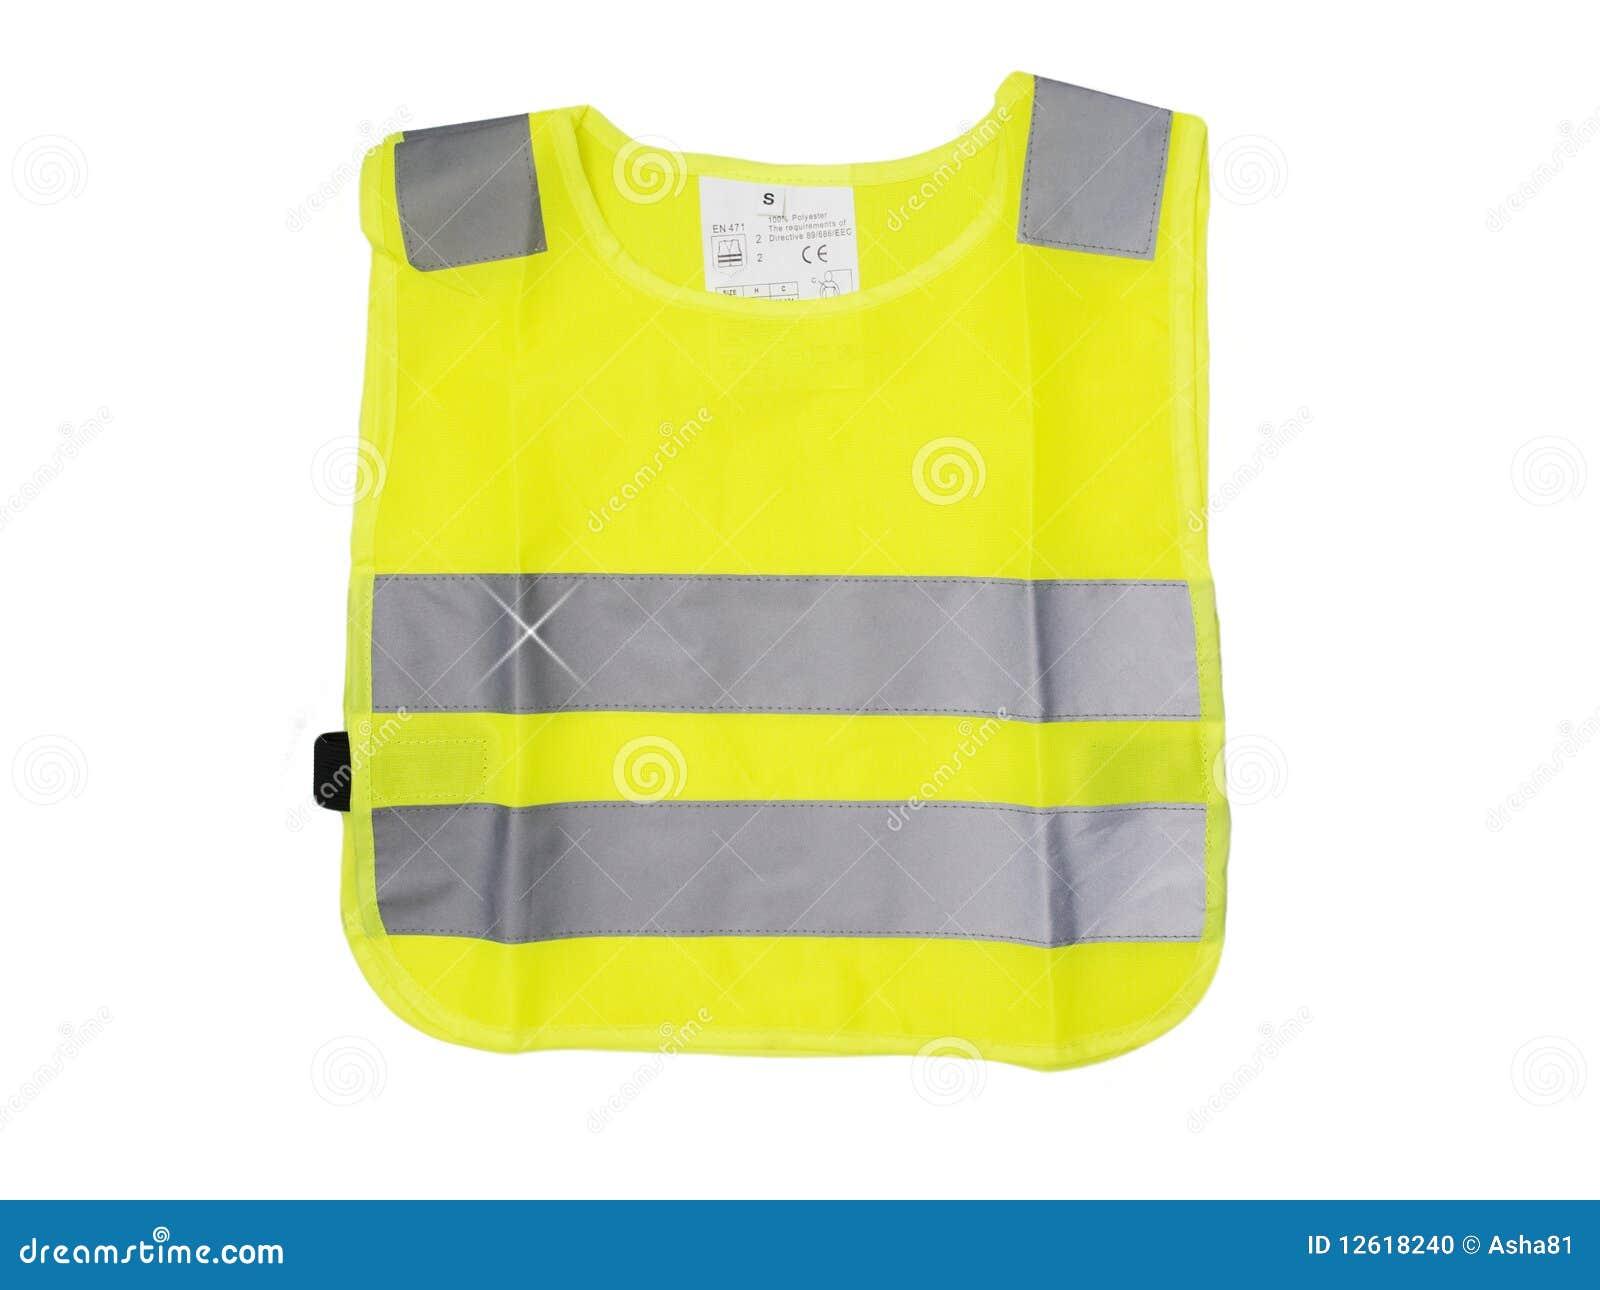 Weerspiegelend vest voor kinderen